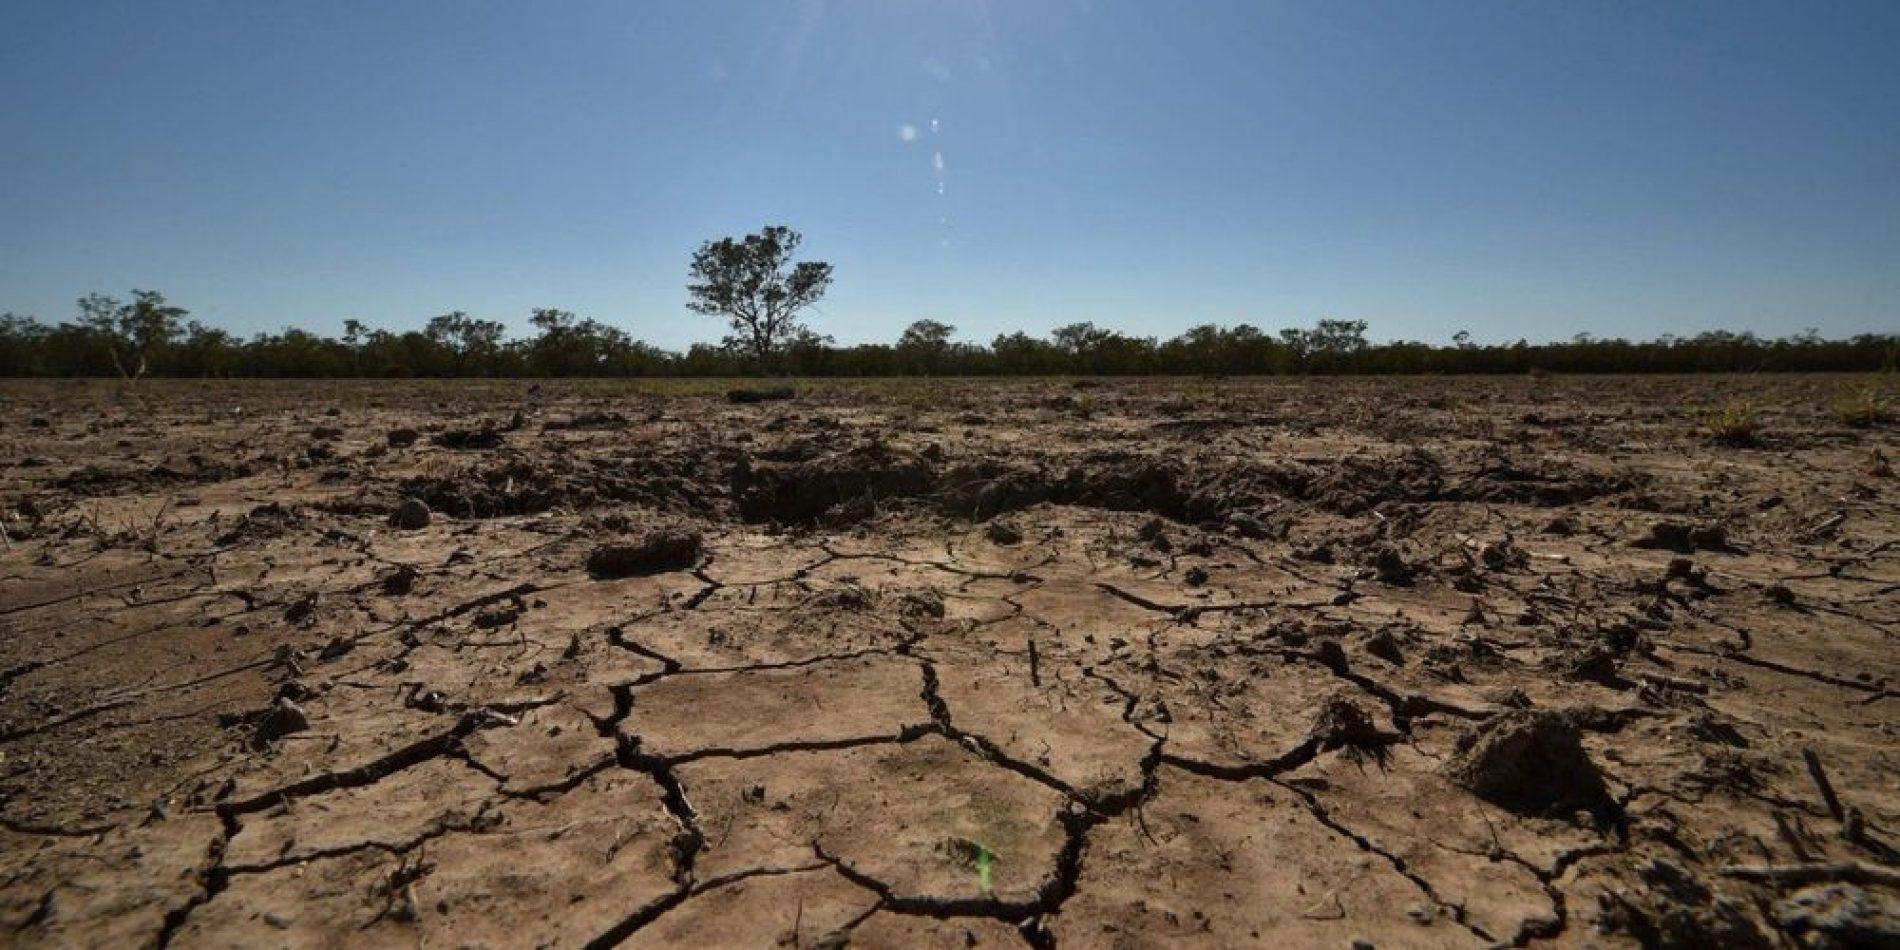 Changement climatique : Les sols en danger selon un rapport alarmant du GIEC !